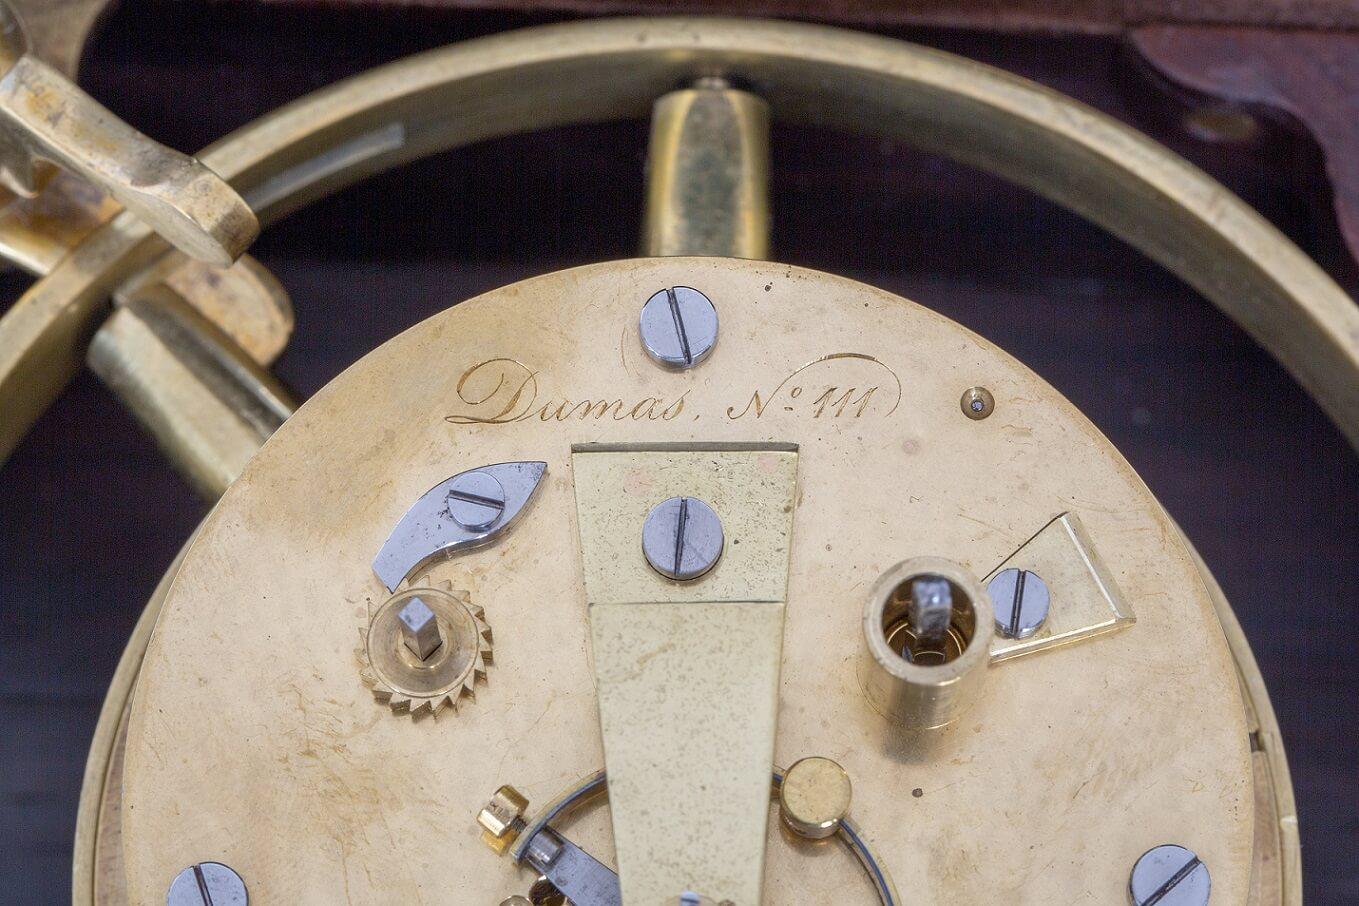 French-chronometer-navigation-precision-rosewood-Dumas-onesime-Paris-st Nicholas-antique-clock